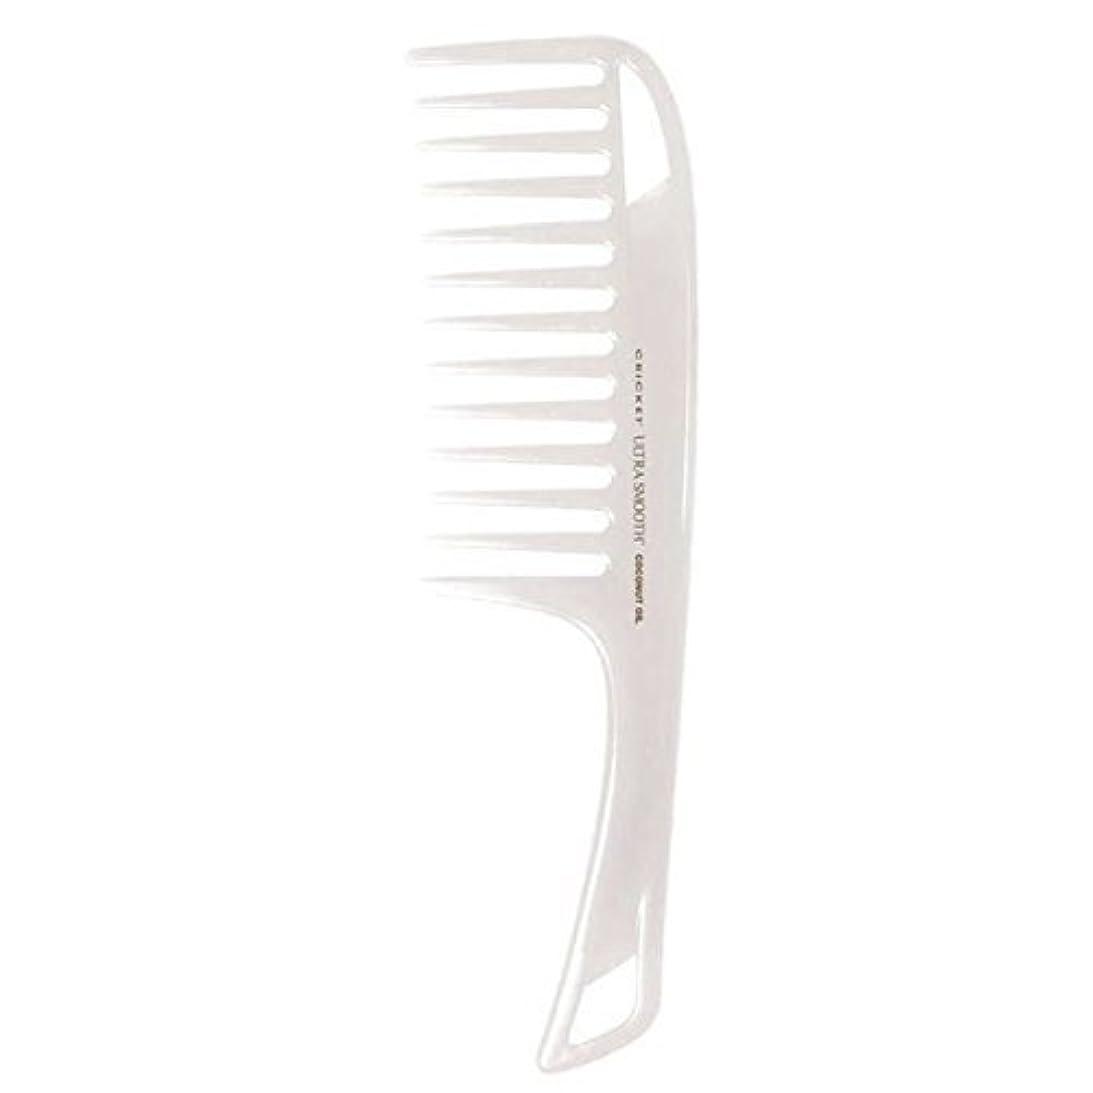 これまで組み込むメディカルCricket Ultra Smooth Coconut Detangler Comb [並行輸入品]